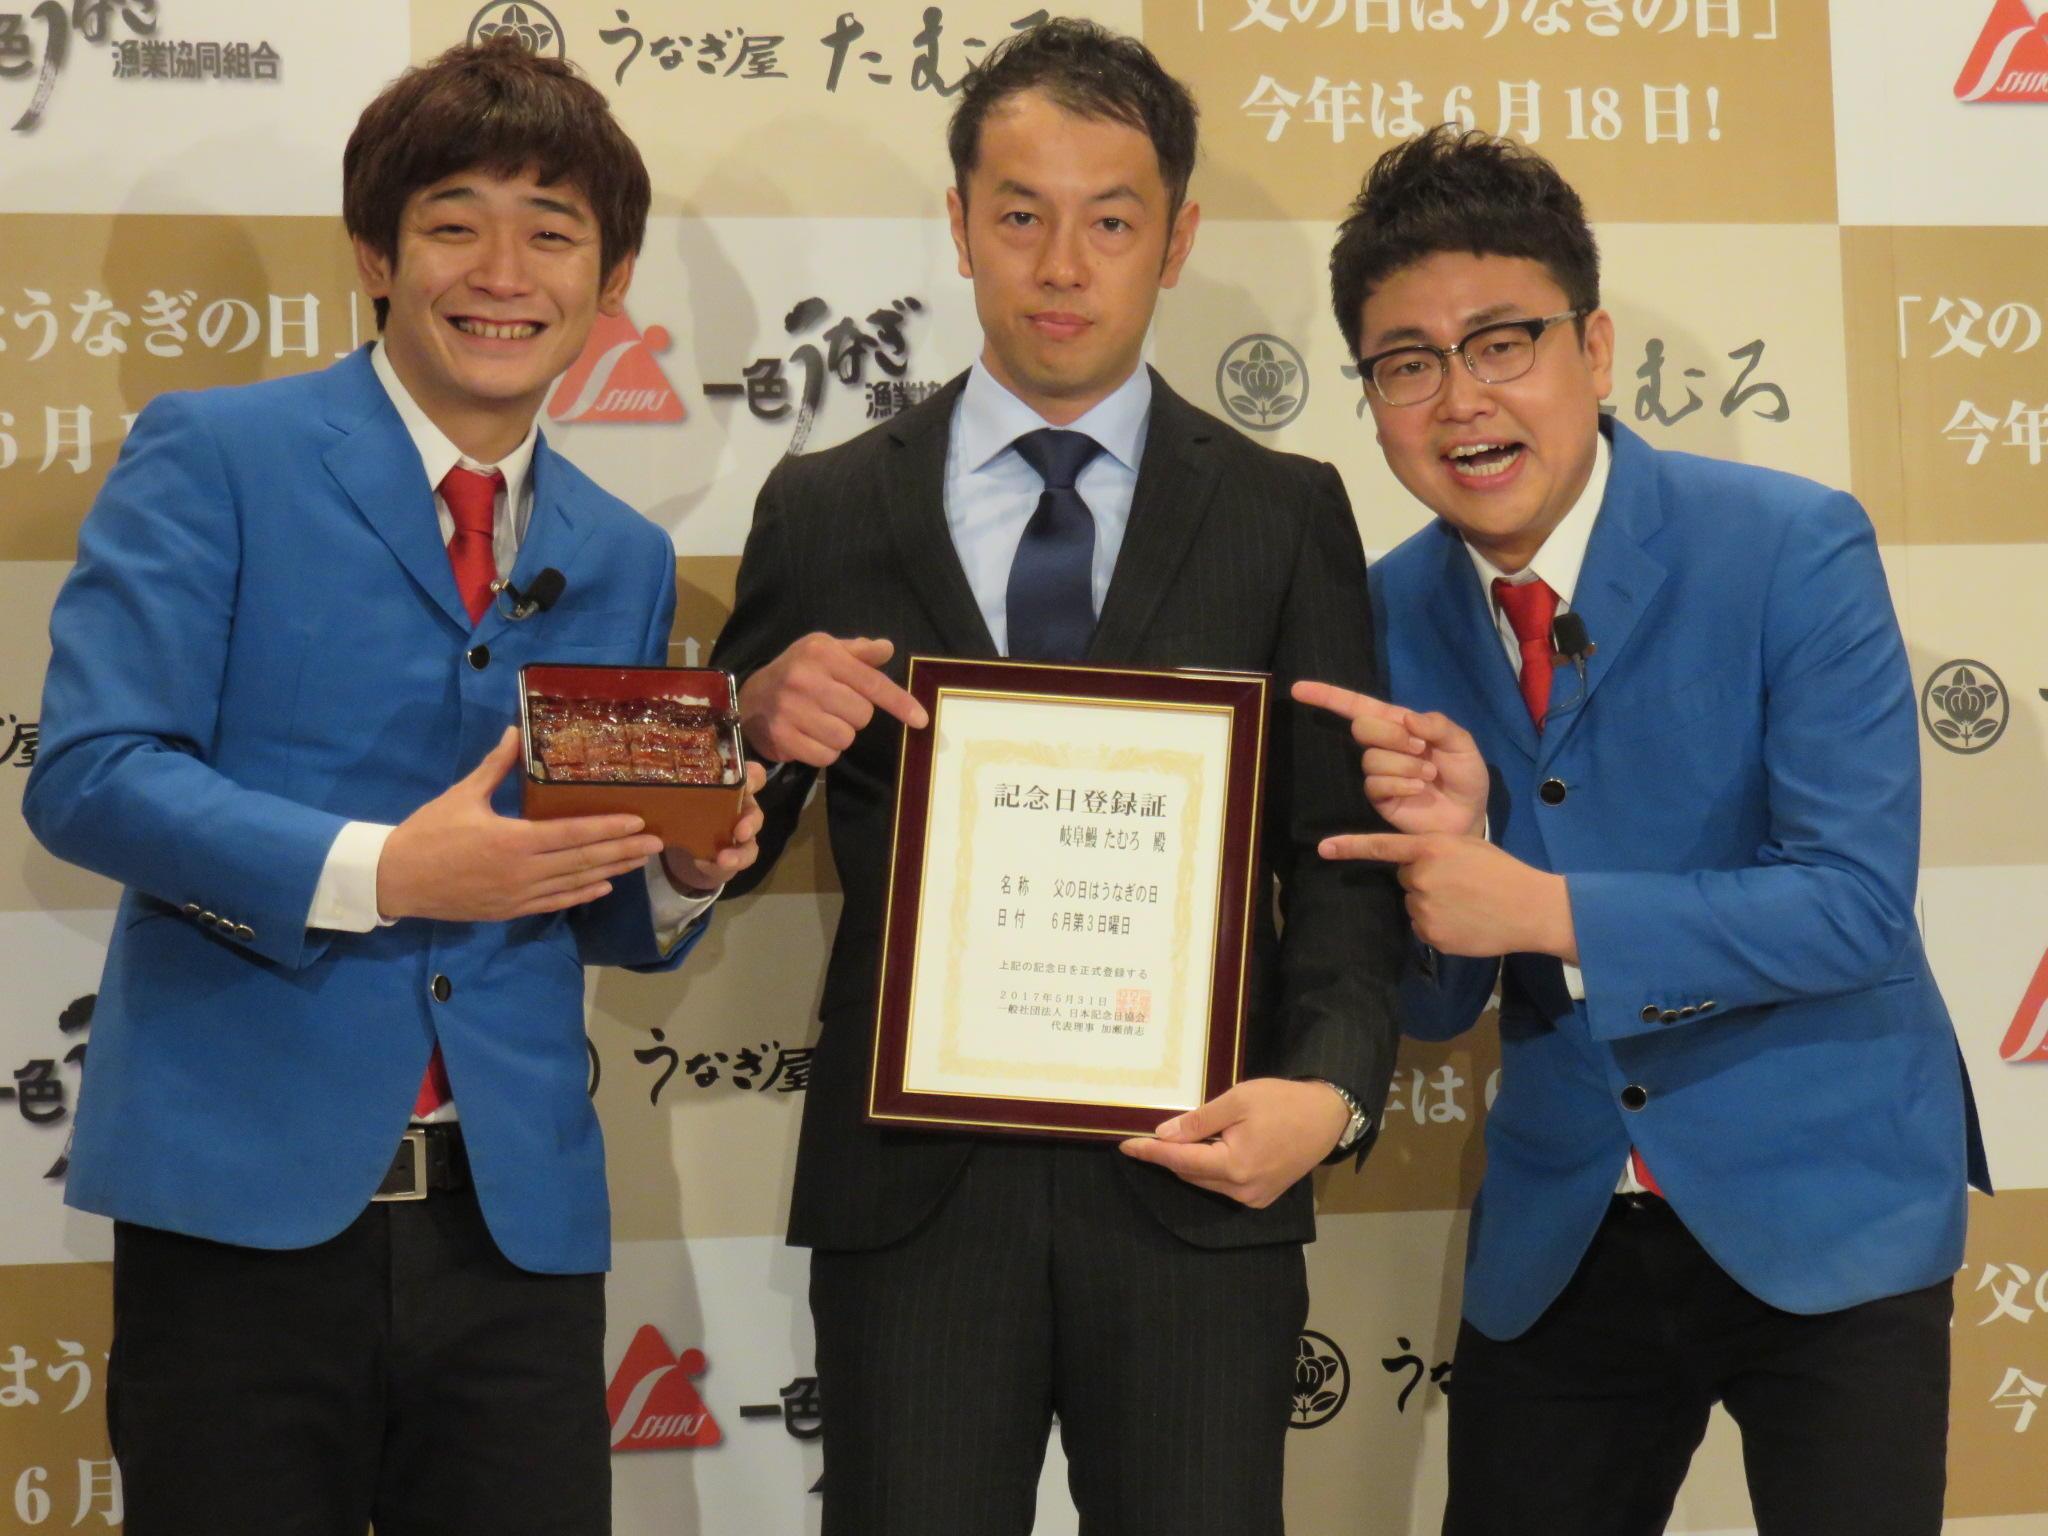 http://news.yoshimoto.co.jp/20170531162947-acec08c1b6765b5b682bac510390c4ba6e065be6.jpg